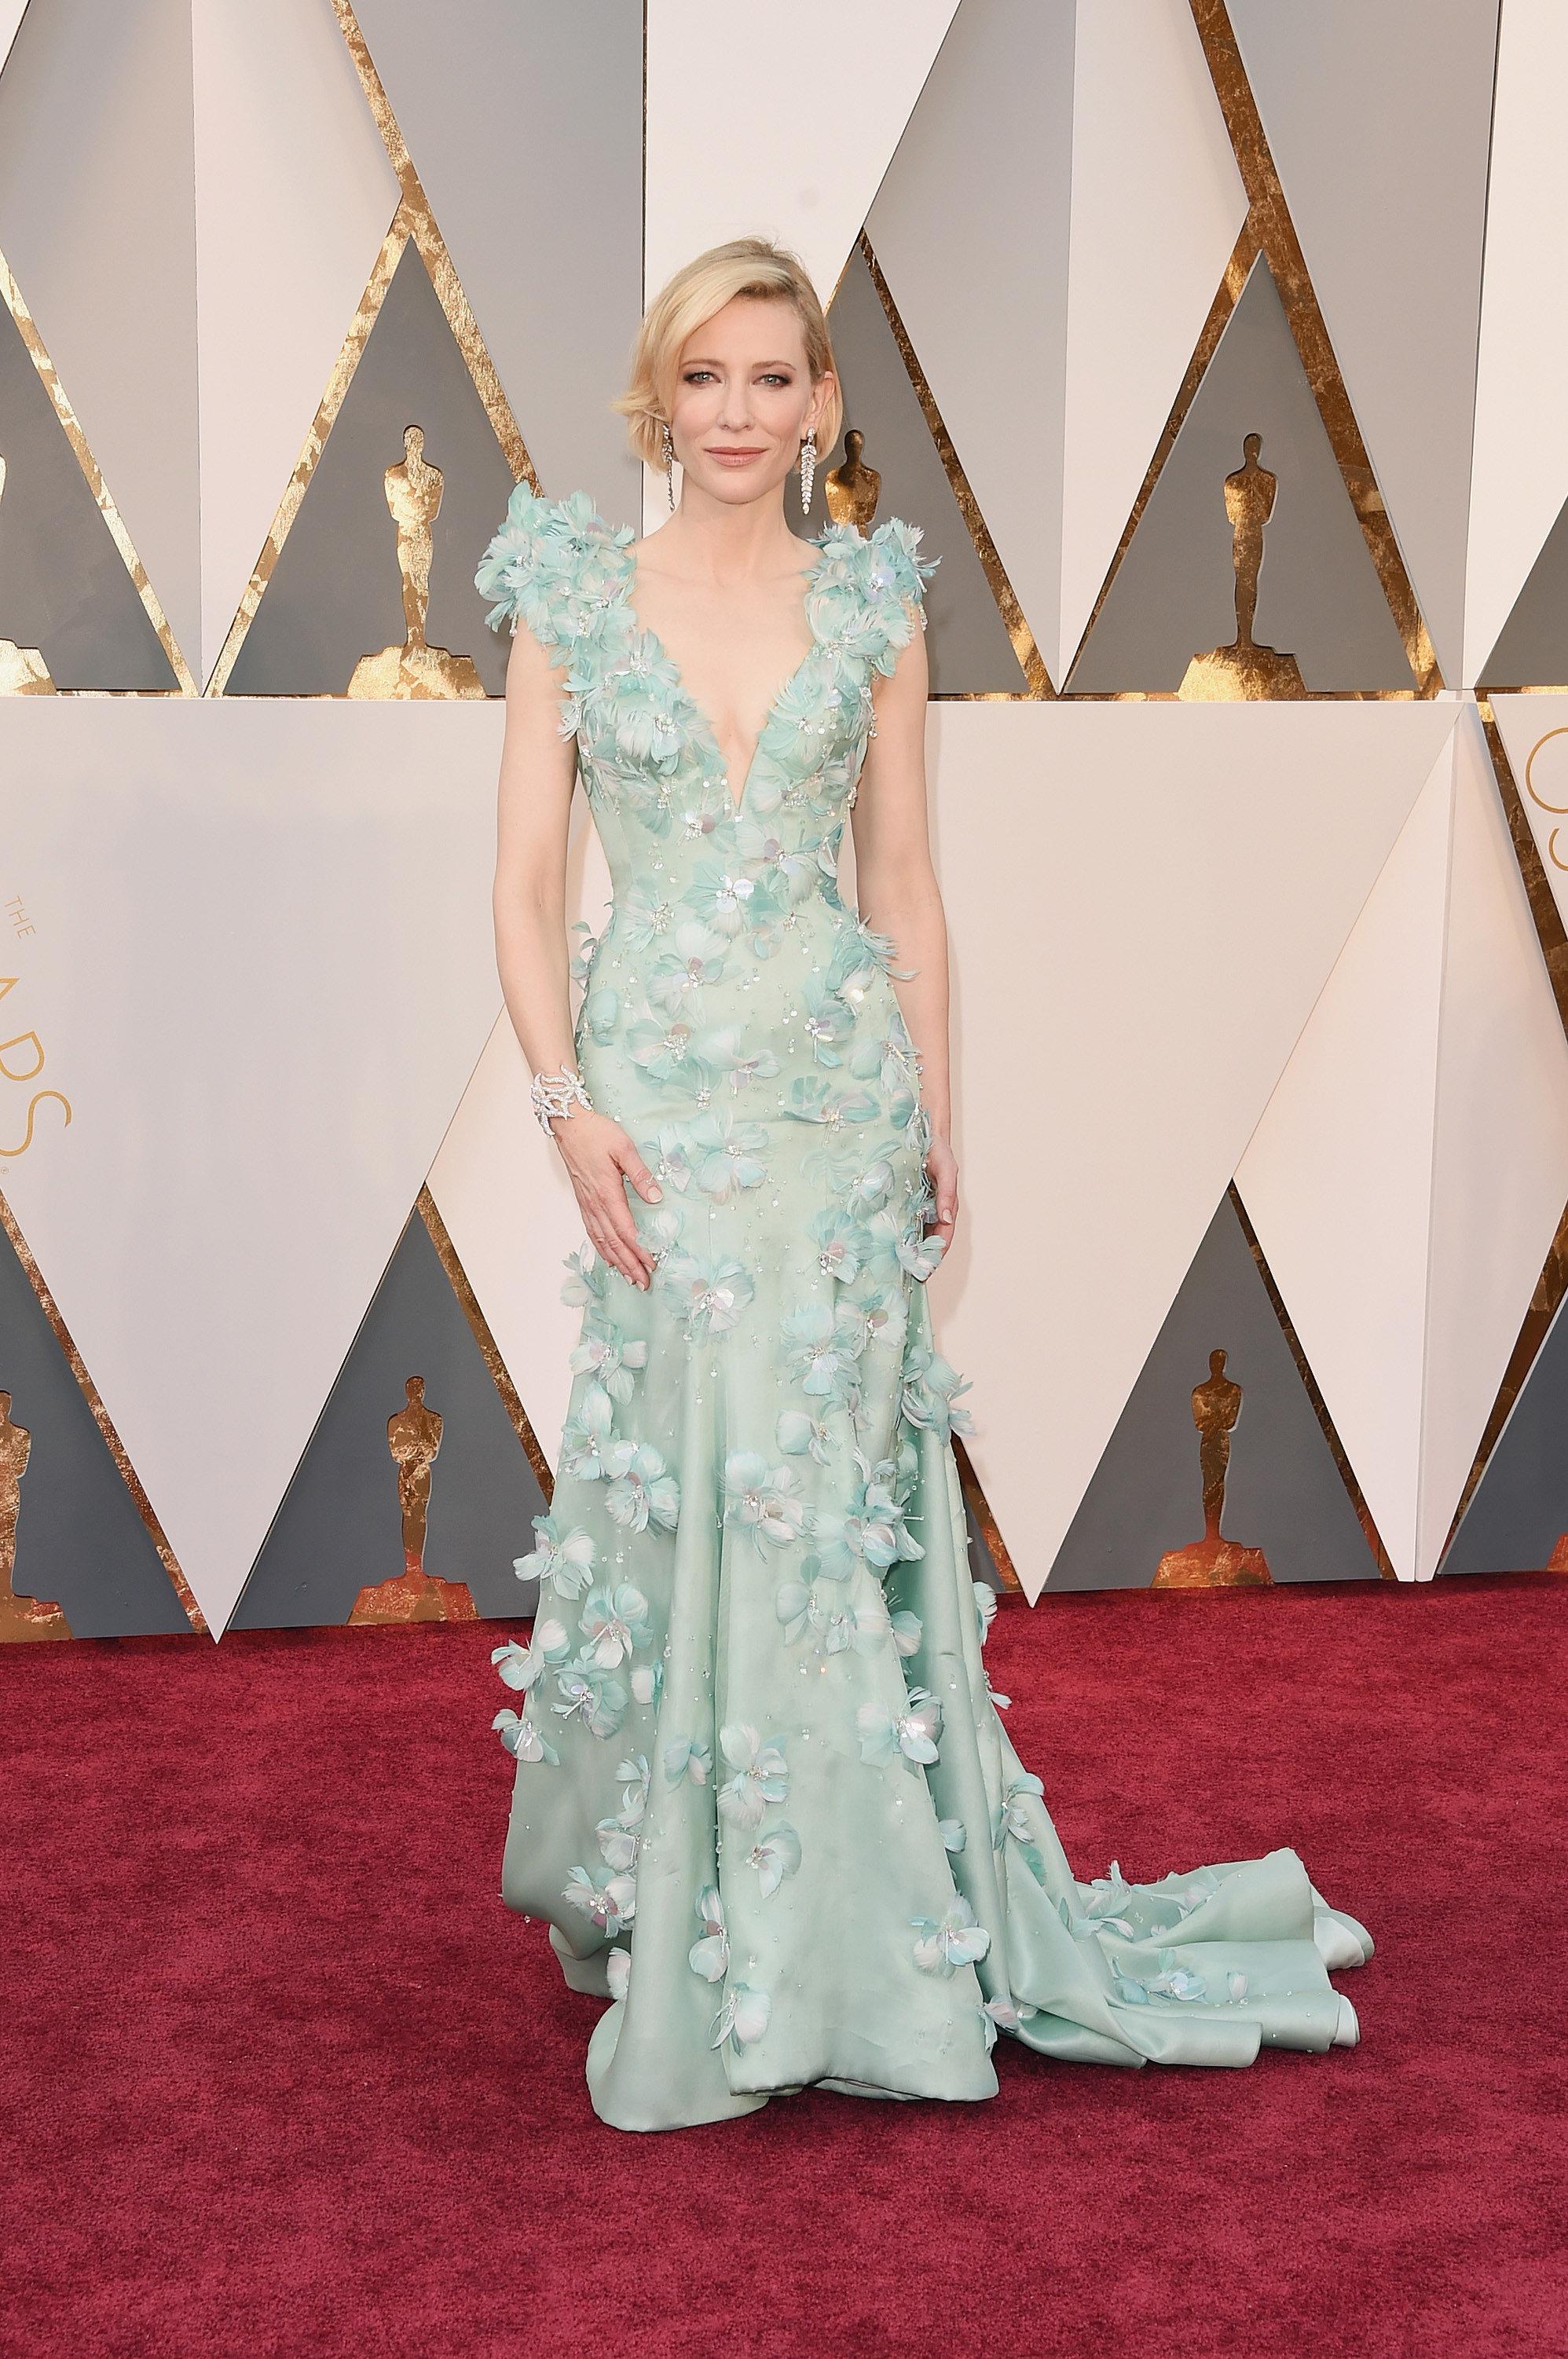 Oscars 2016: Nice dresses, wrong people